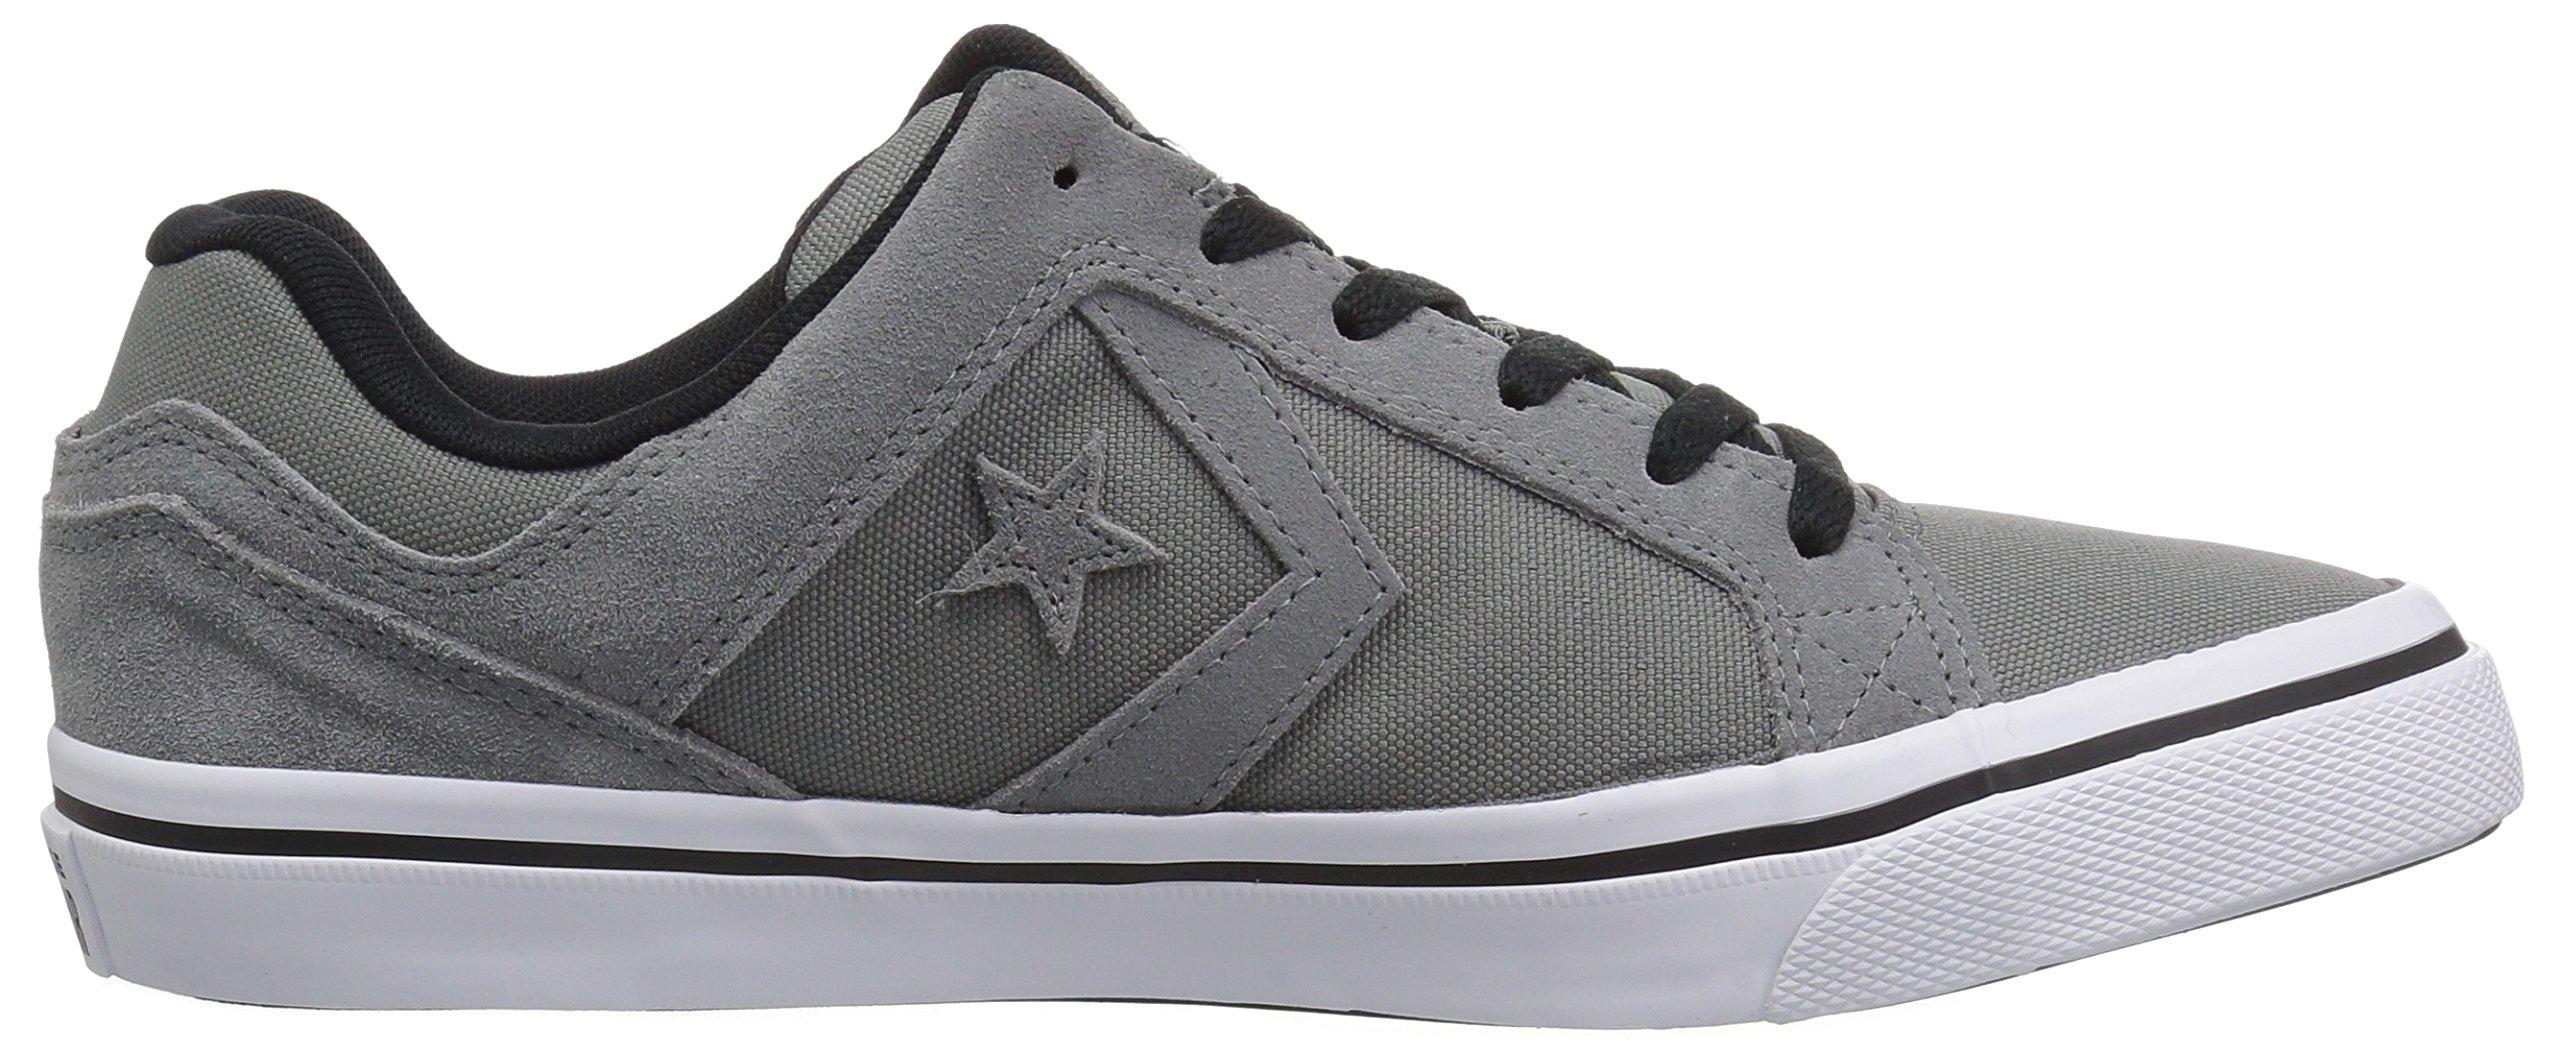 Converse EL Distrito Canvas Low Top Sneaker, Mason/White/Black, 12 M US by Converse (Image #6)